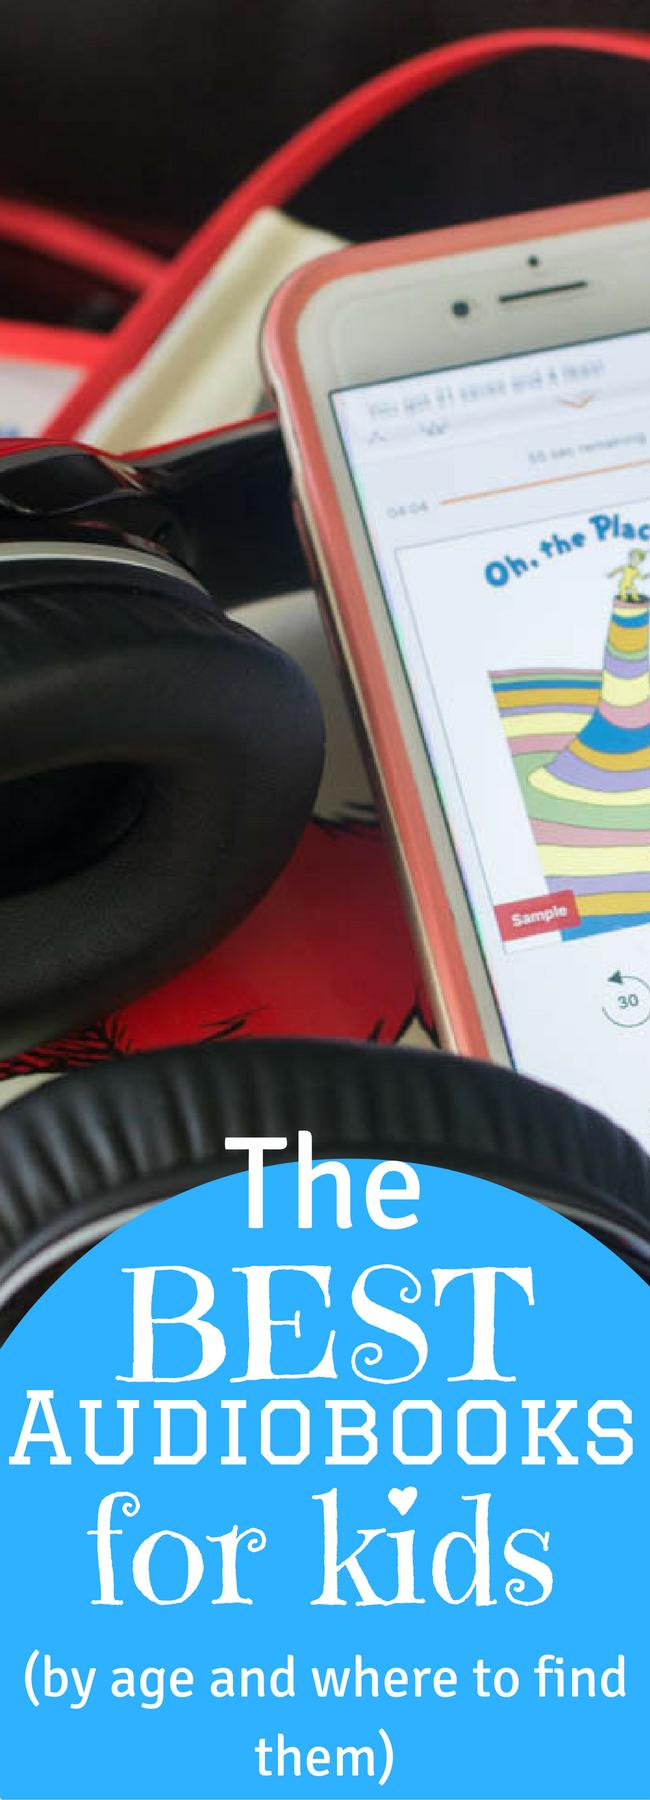 audiobook ideas / best audiobooks / best audiobooks for kids / kids entertainment / books for kids / audiobooks for teens via @clarkscondensed